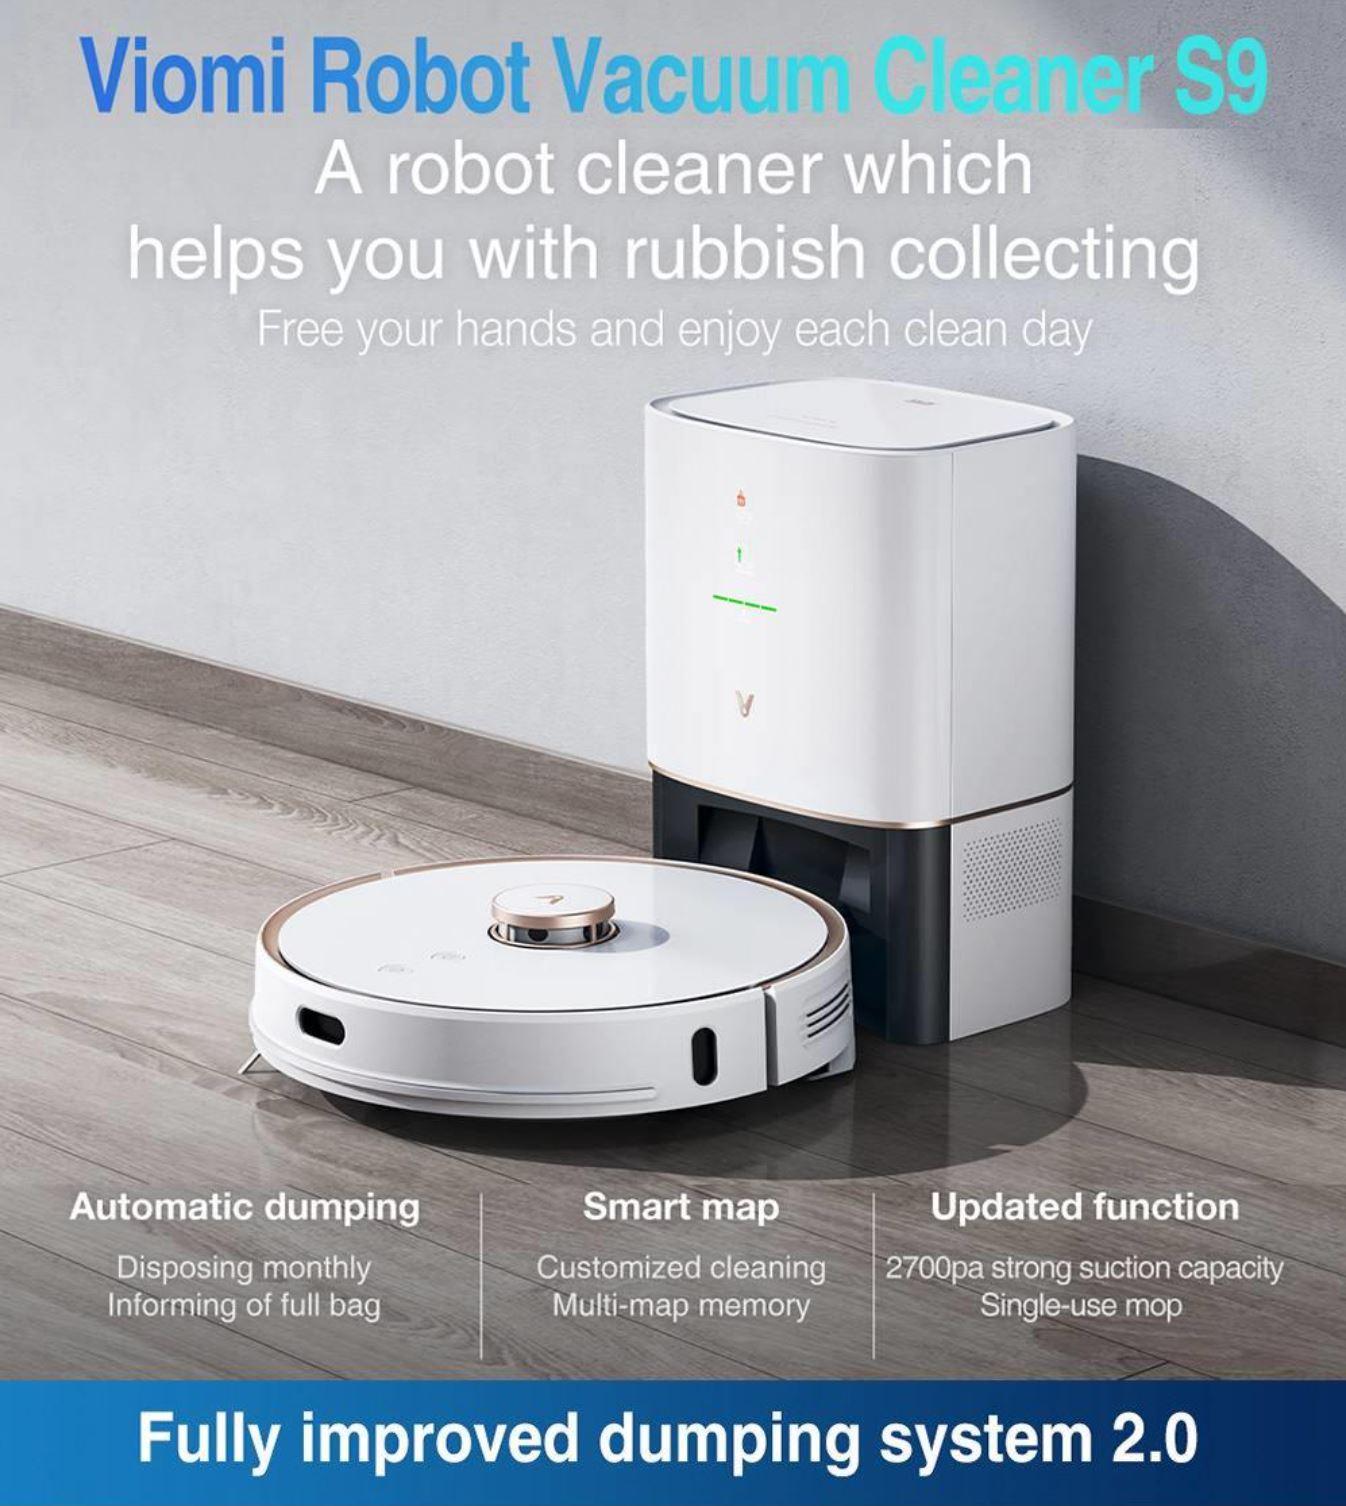 roboty sprzątające - Viomi S9